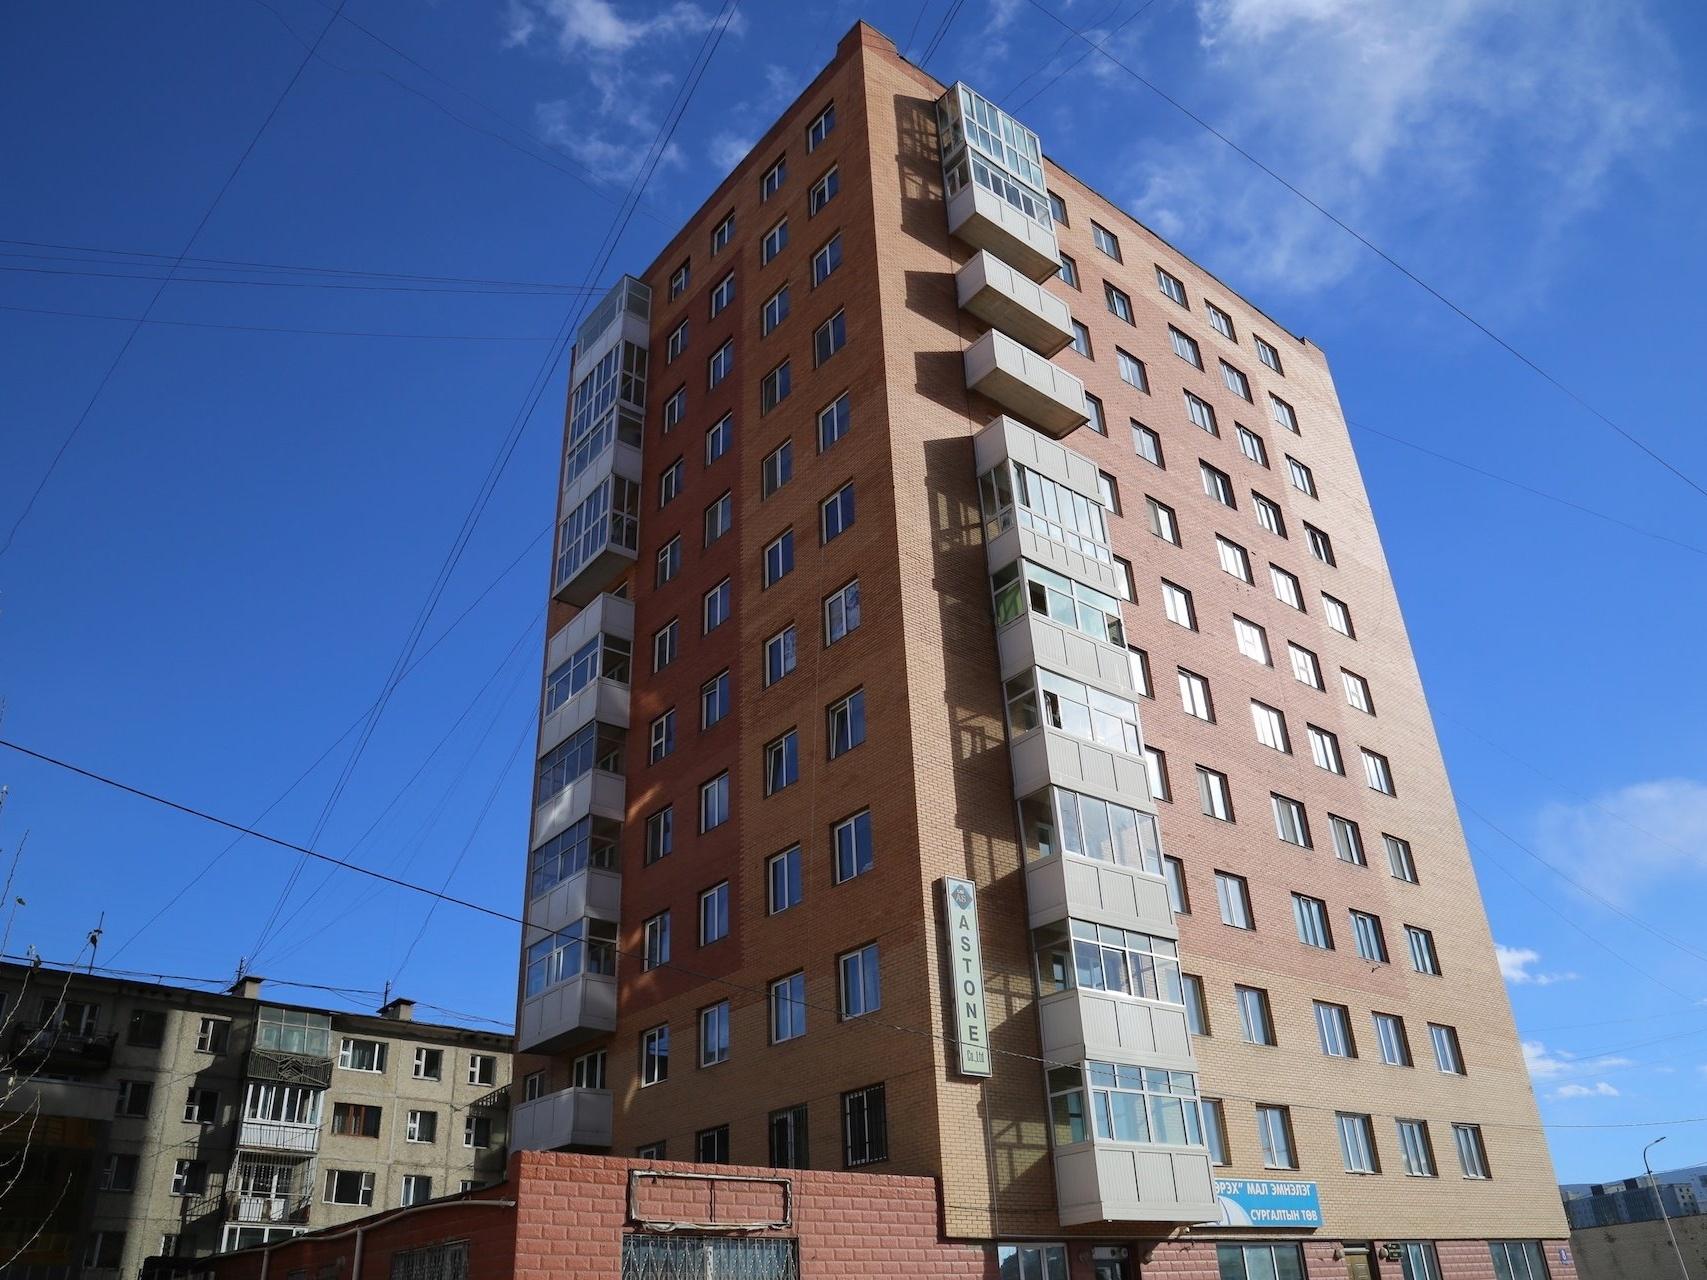 Monhouse apartment complex